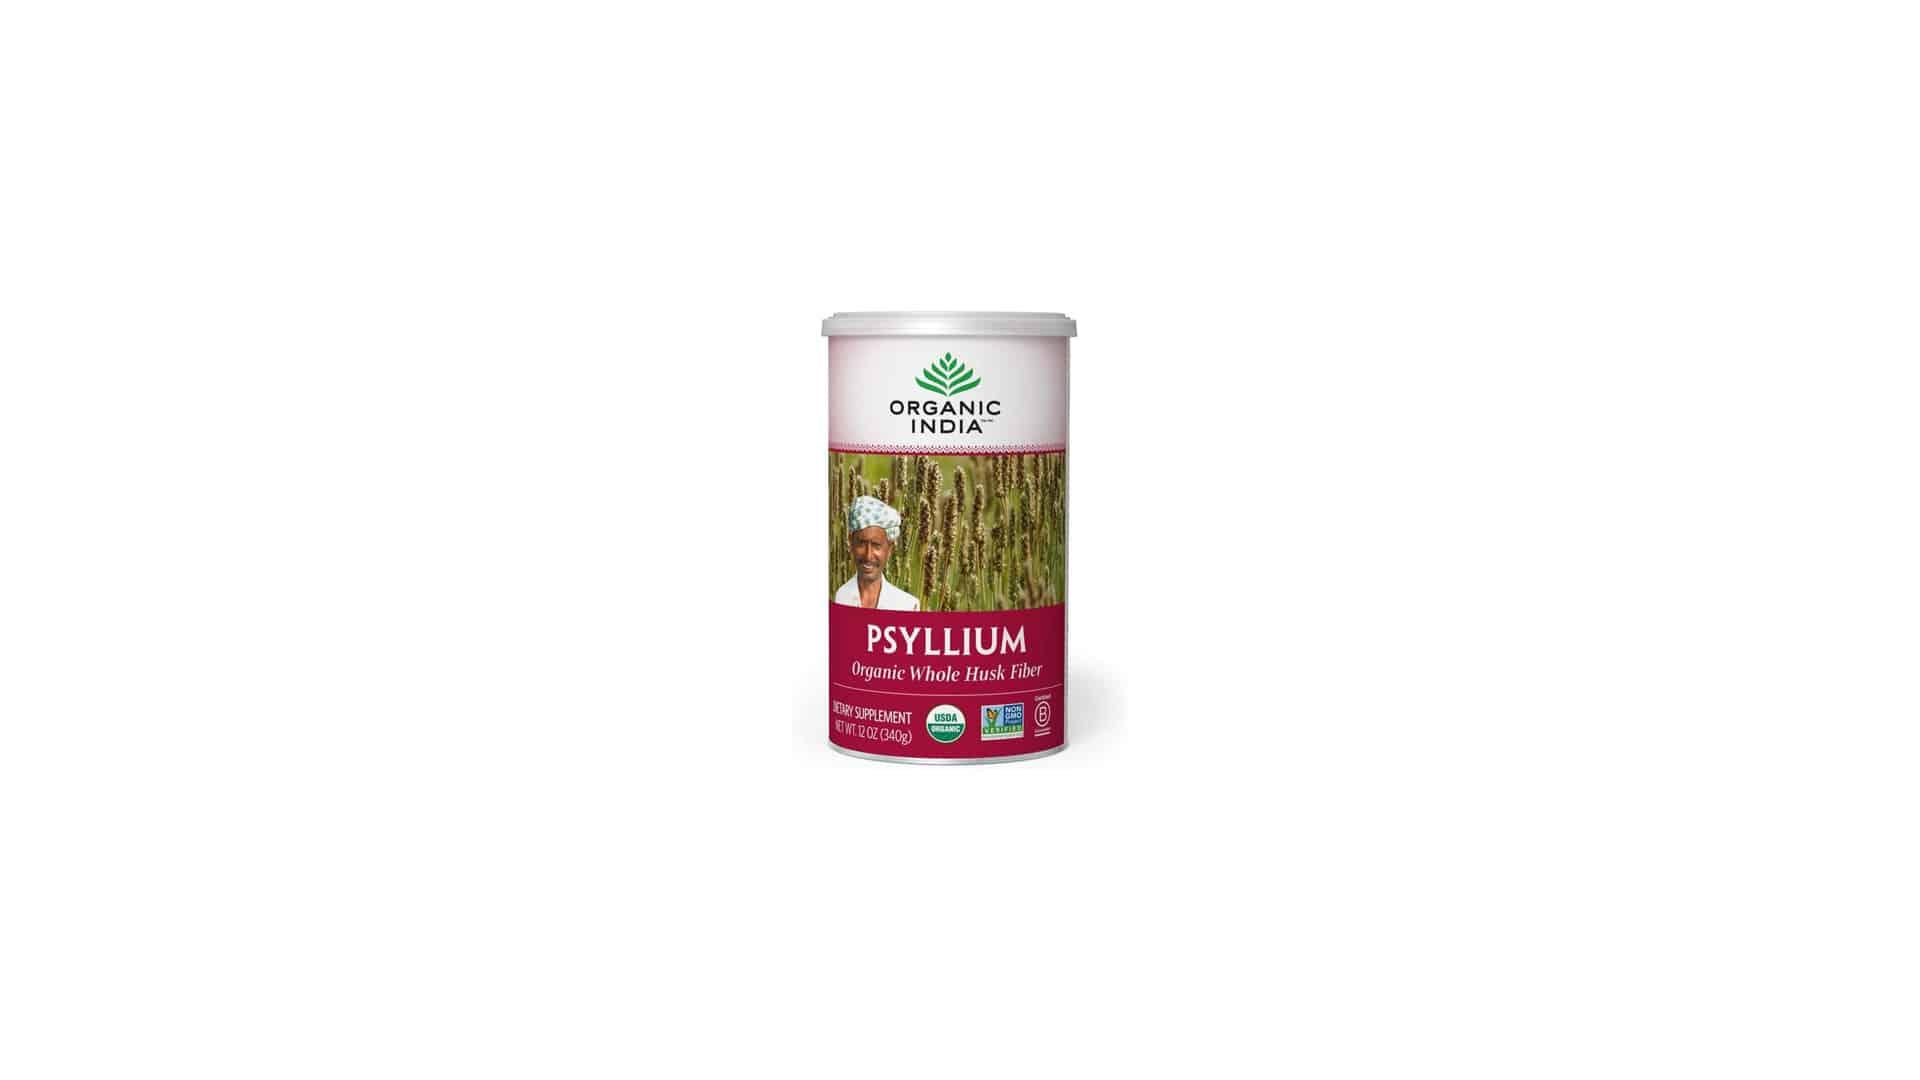 Organic India Psyllium Herbal Powder